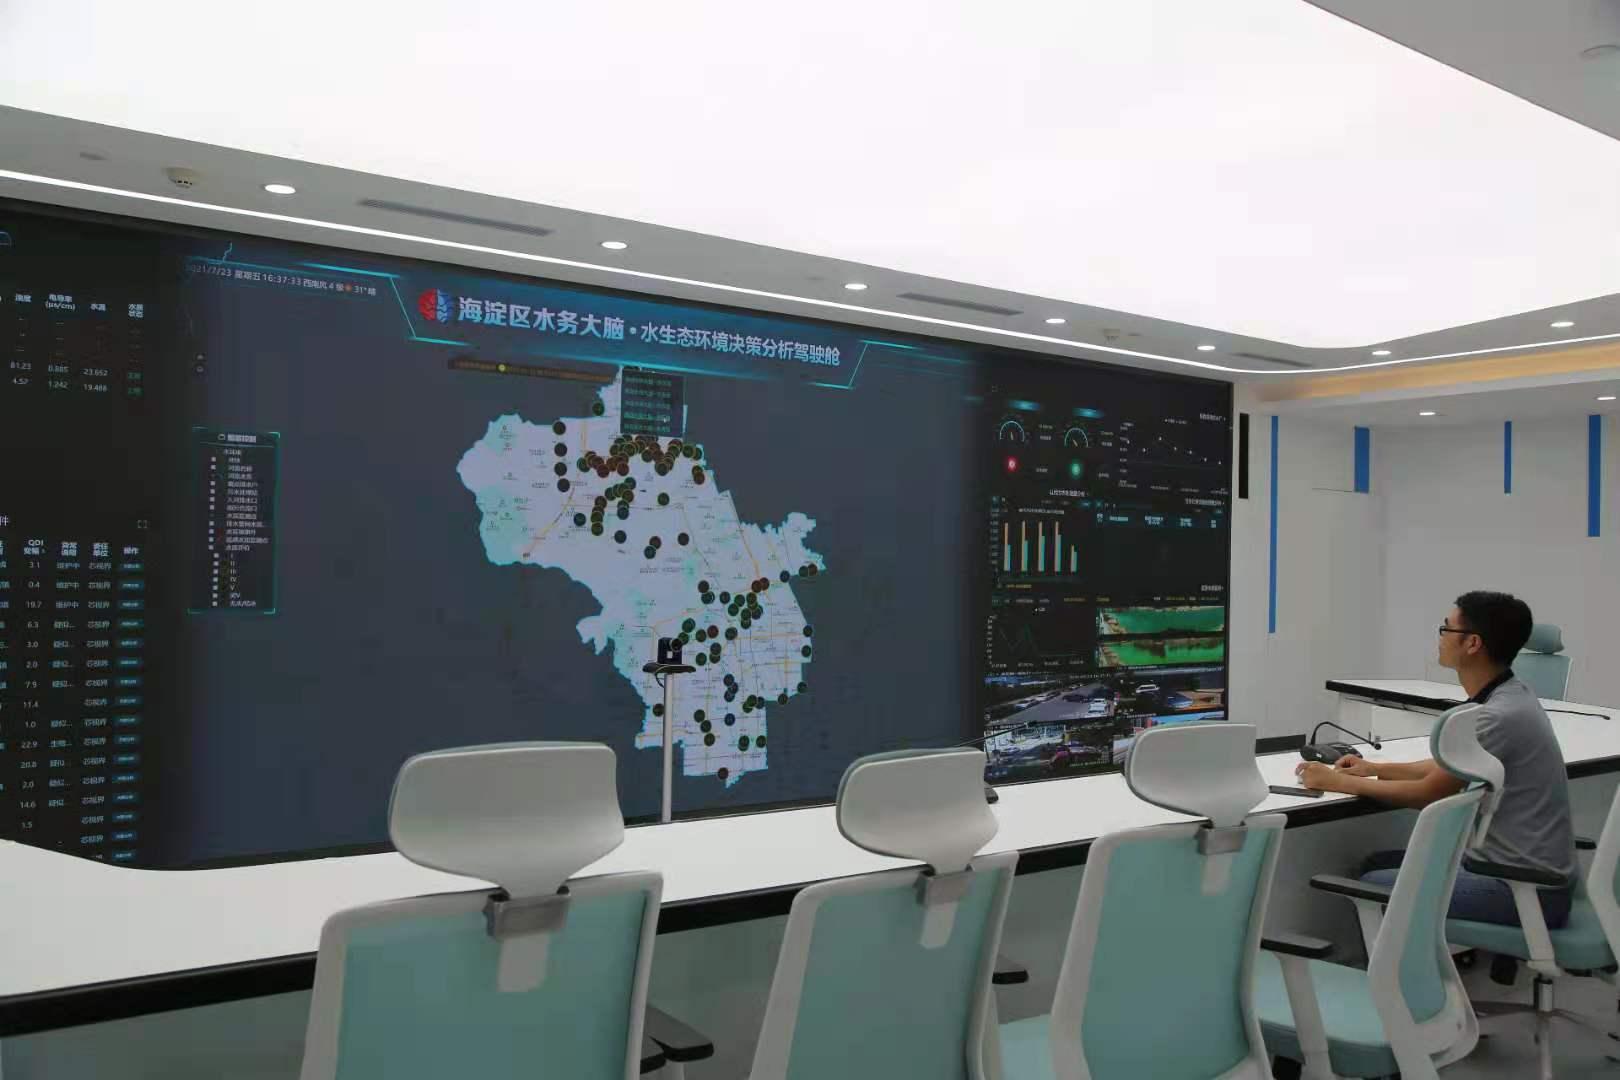 """海淀完成""""水生态环境驾驶舱""""建设,实现监测预警处置全流程监管"""